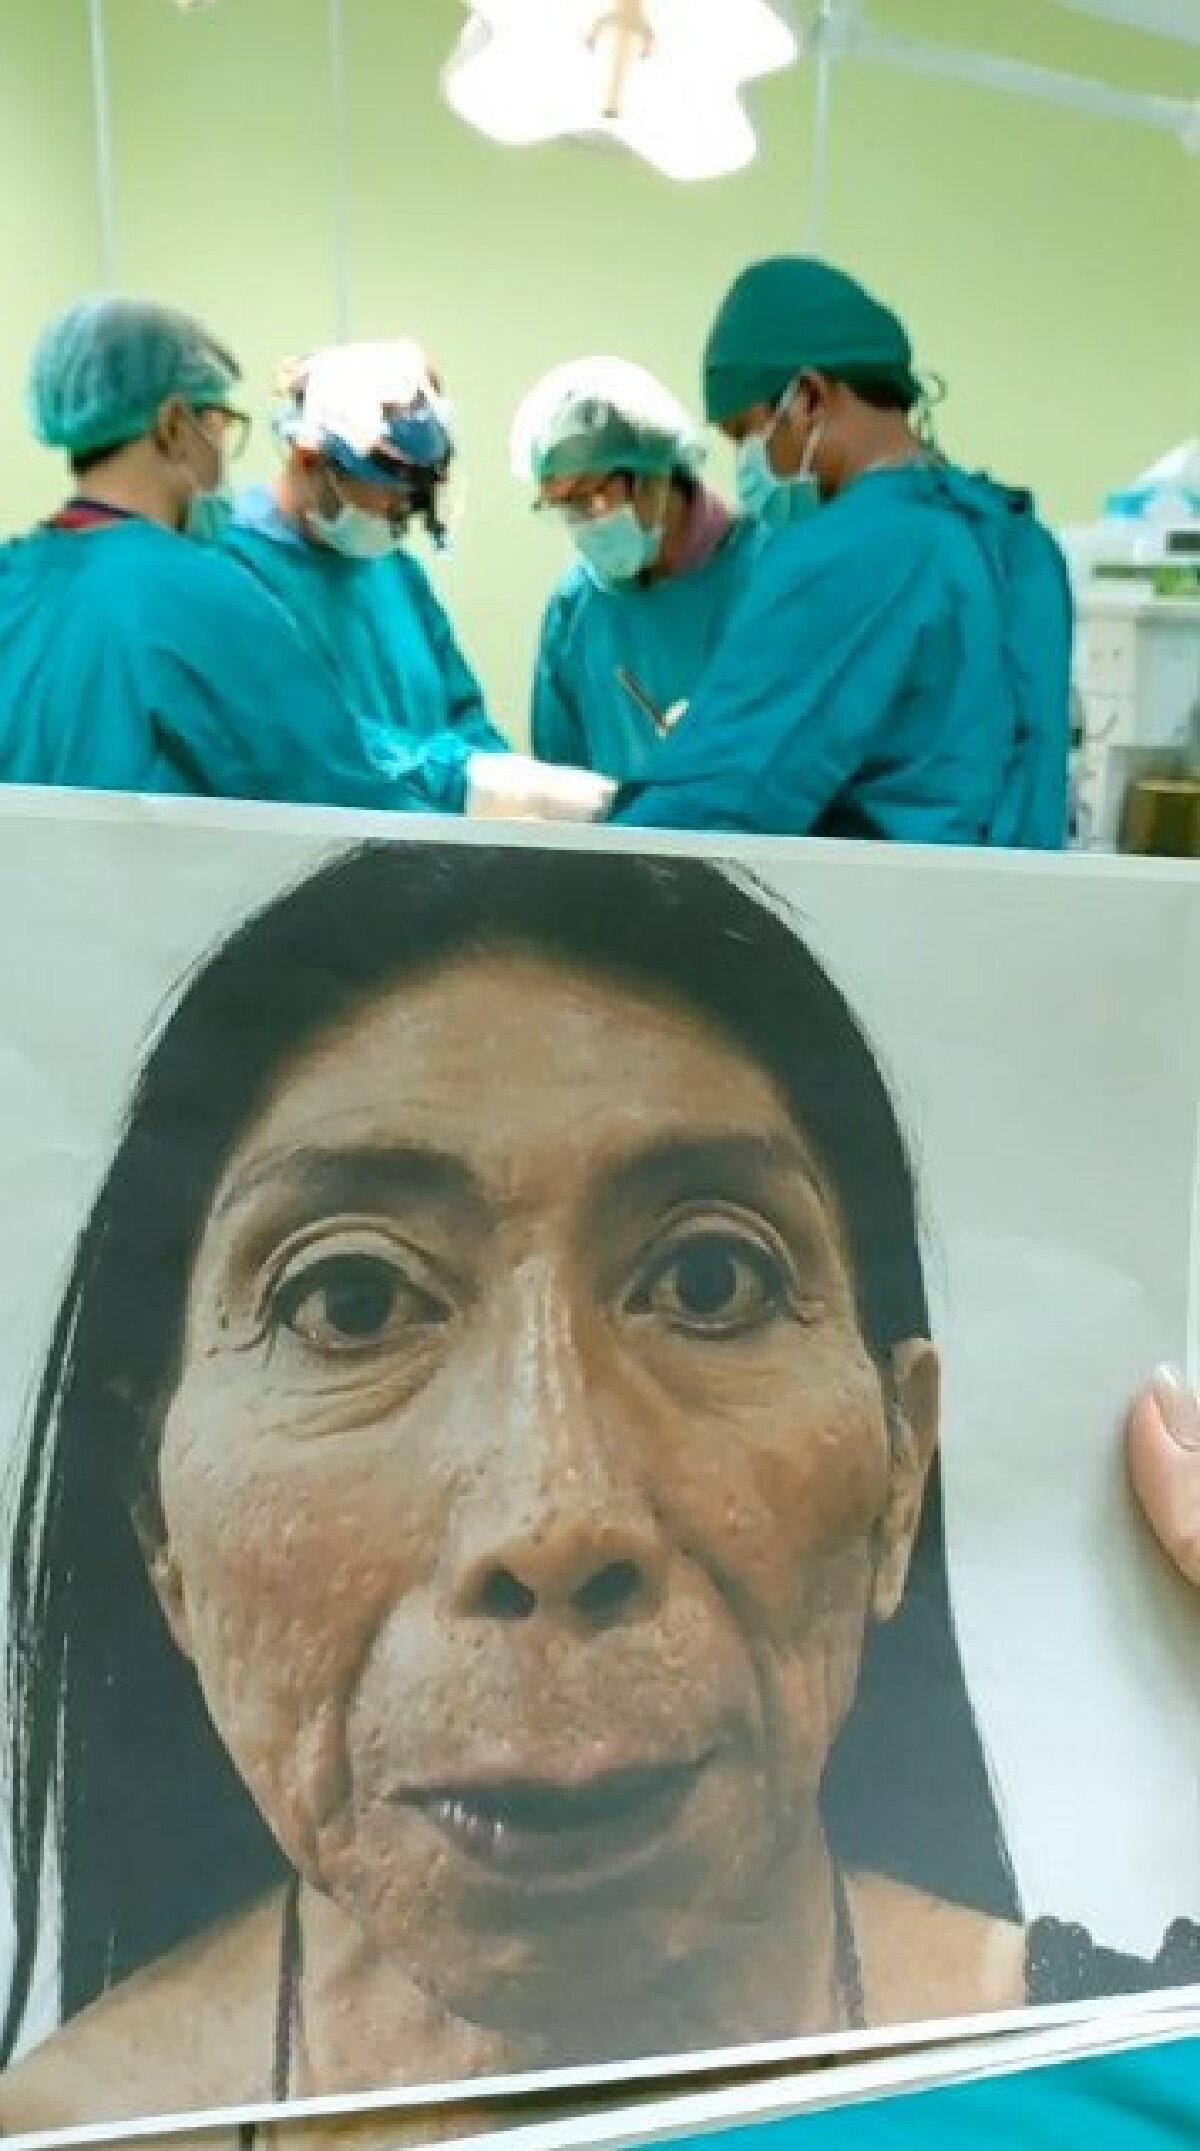 แม่สิตางศุ์ เปิดภาพแล้ว หลังทำศัลยกรรมเพิ่ม คนจะสวยอะไรก็หยุดไม่อยู่